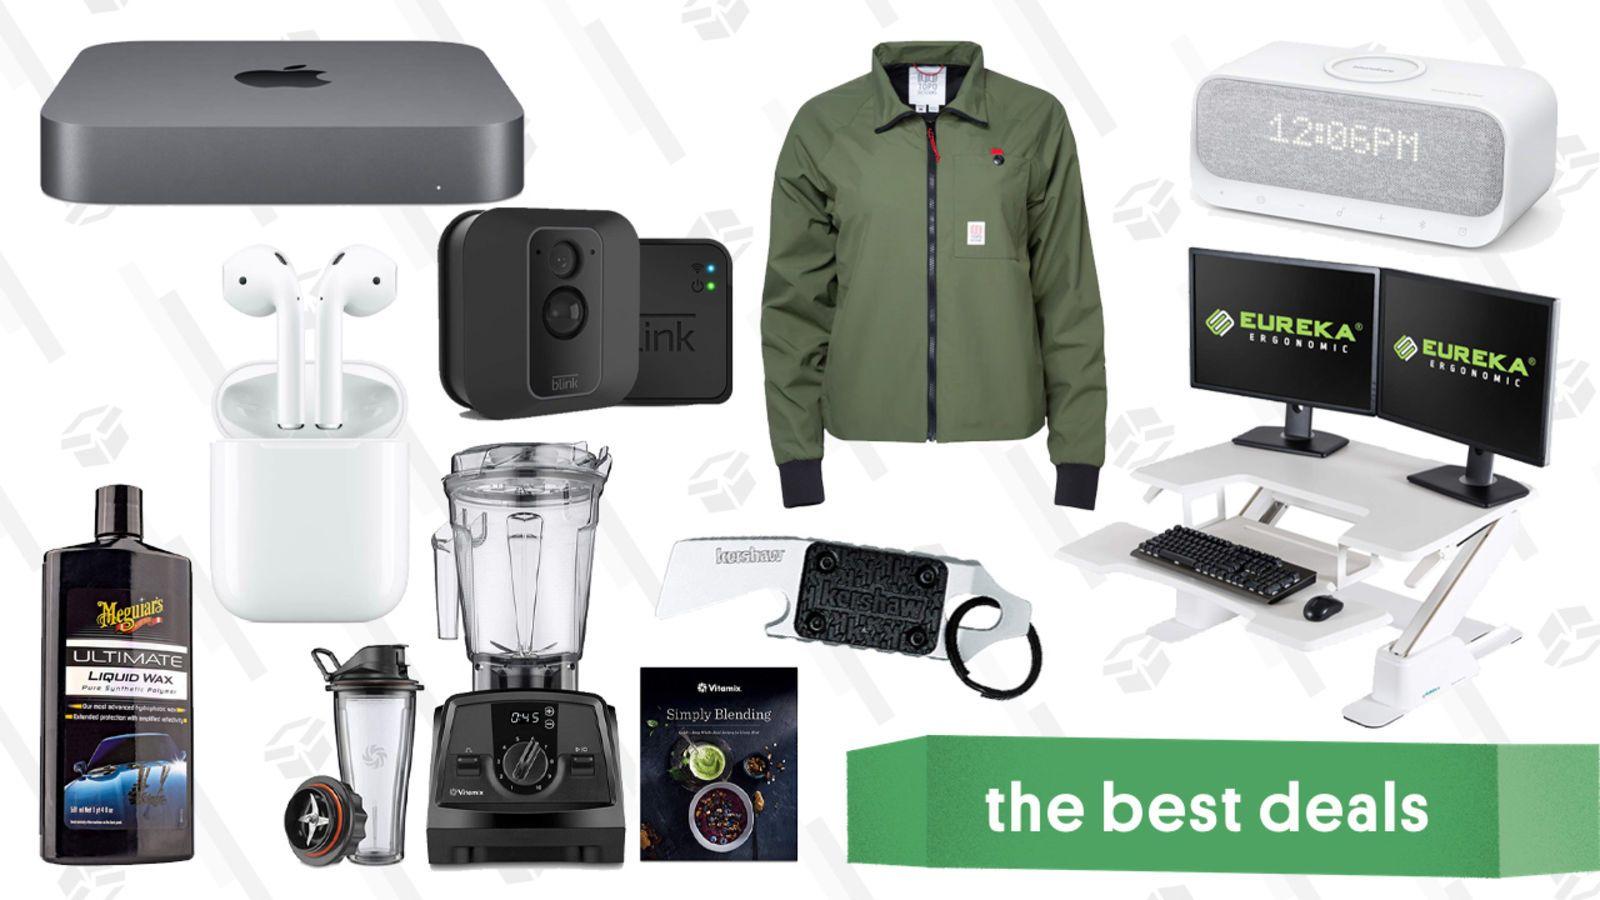 kinjadeals #deals Wednesday's Best Deals: Blink Security